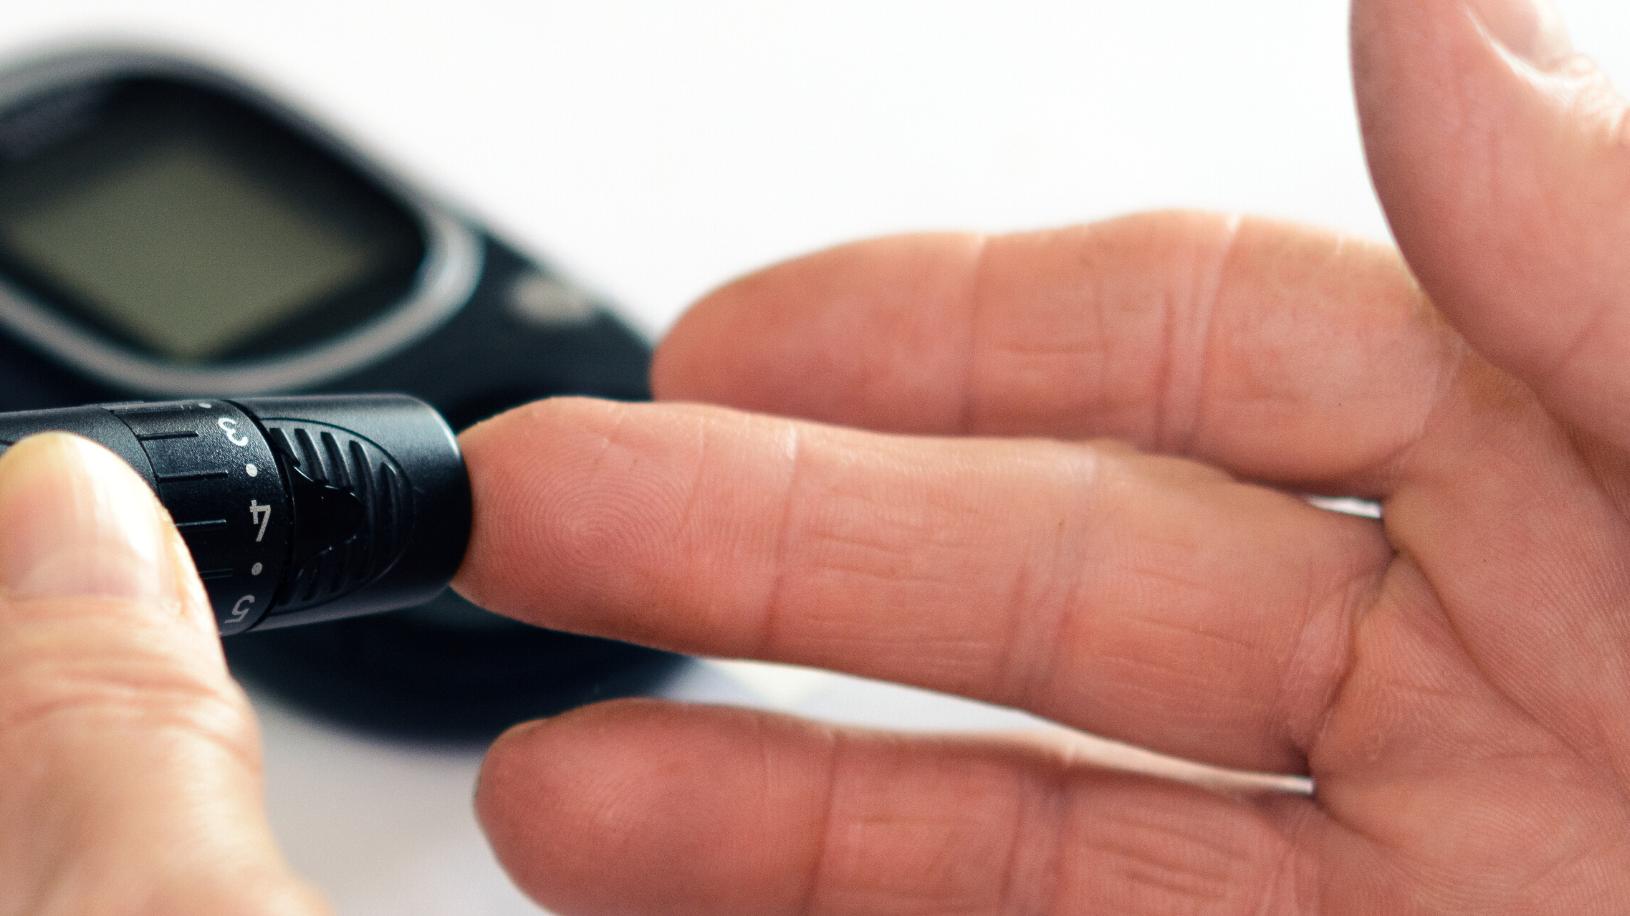 Disposizioni Per La Gestione Dell'assistenza Diabetologica Nel Rispetto Delle Azioni Per Il Contenimento Dell'emergenza Epidemiologicada COVID-19